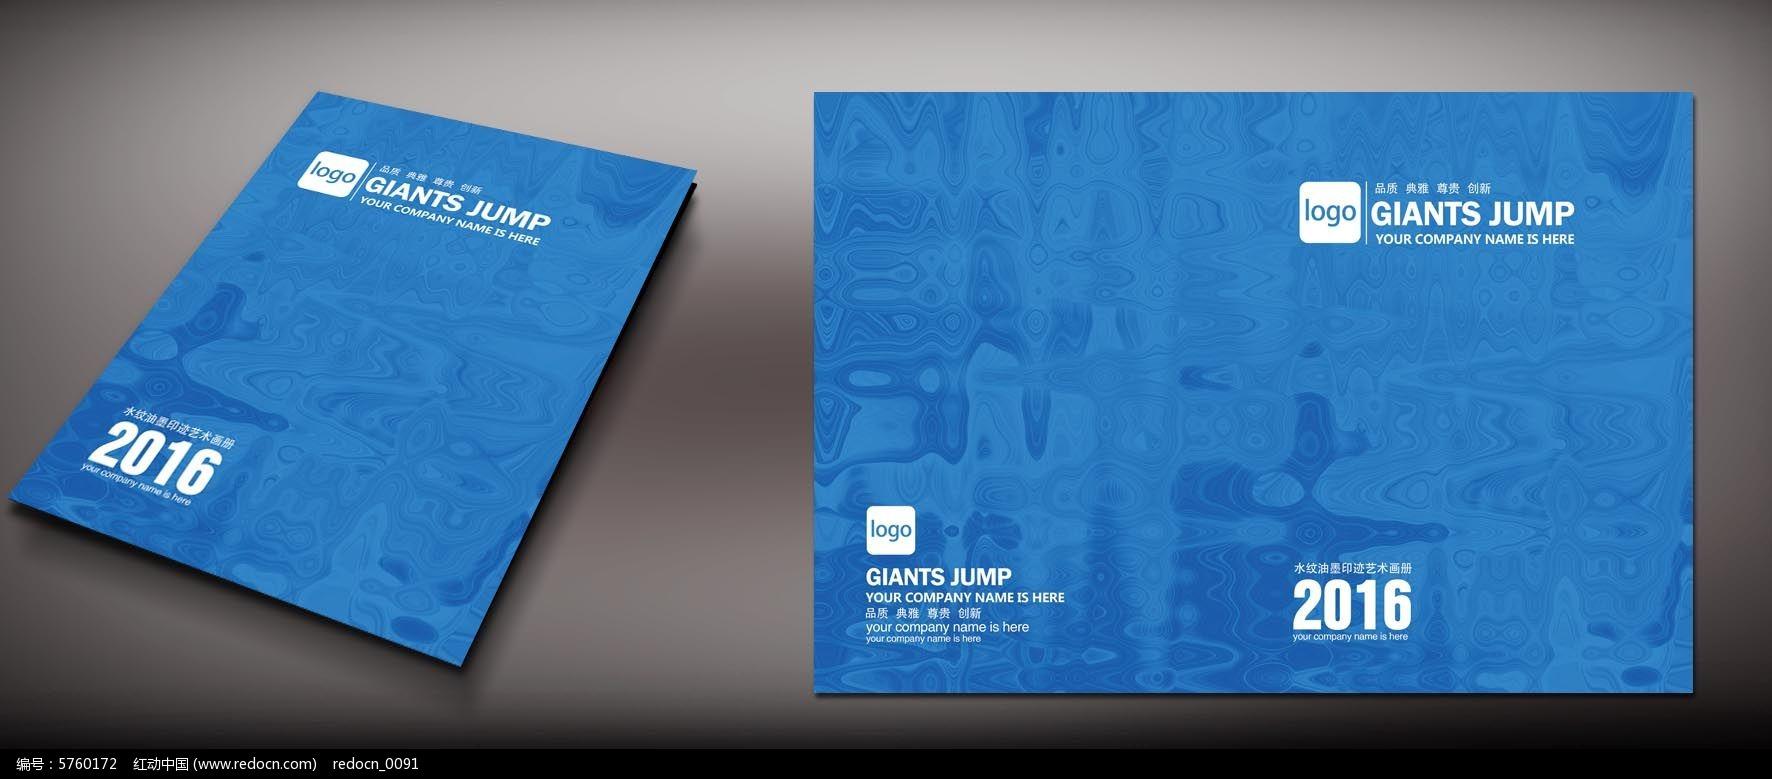 红动网提供封面设计精品原创素材下载,您当前访问作品主题是蓝色简约图片